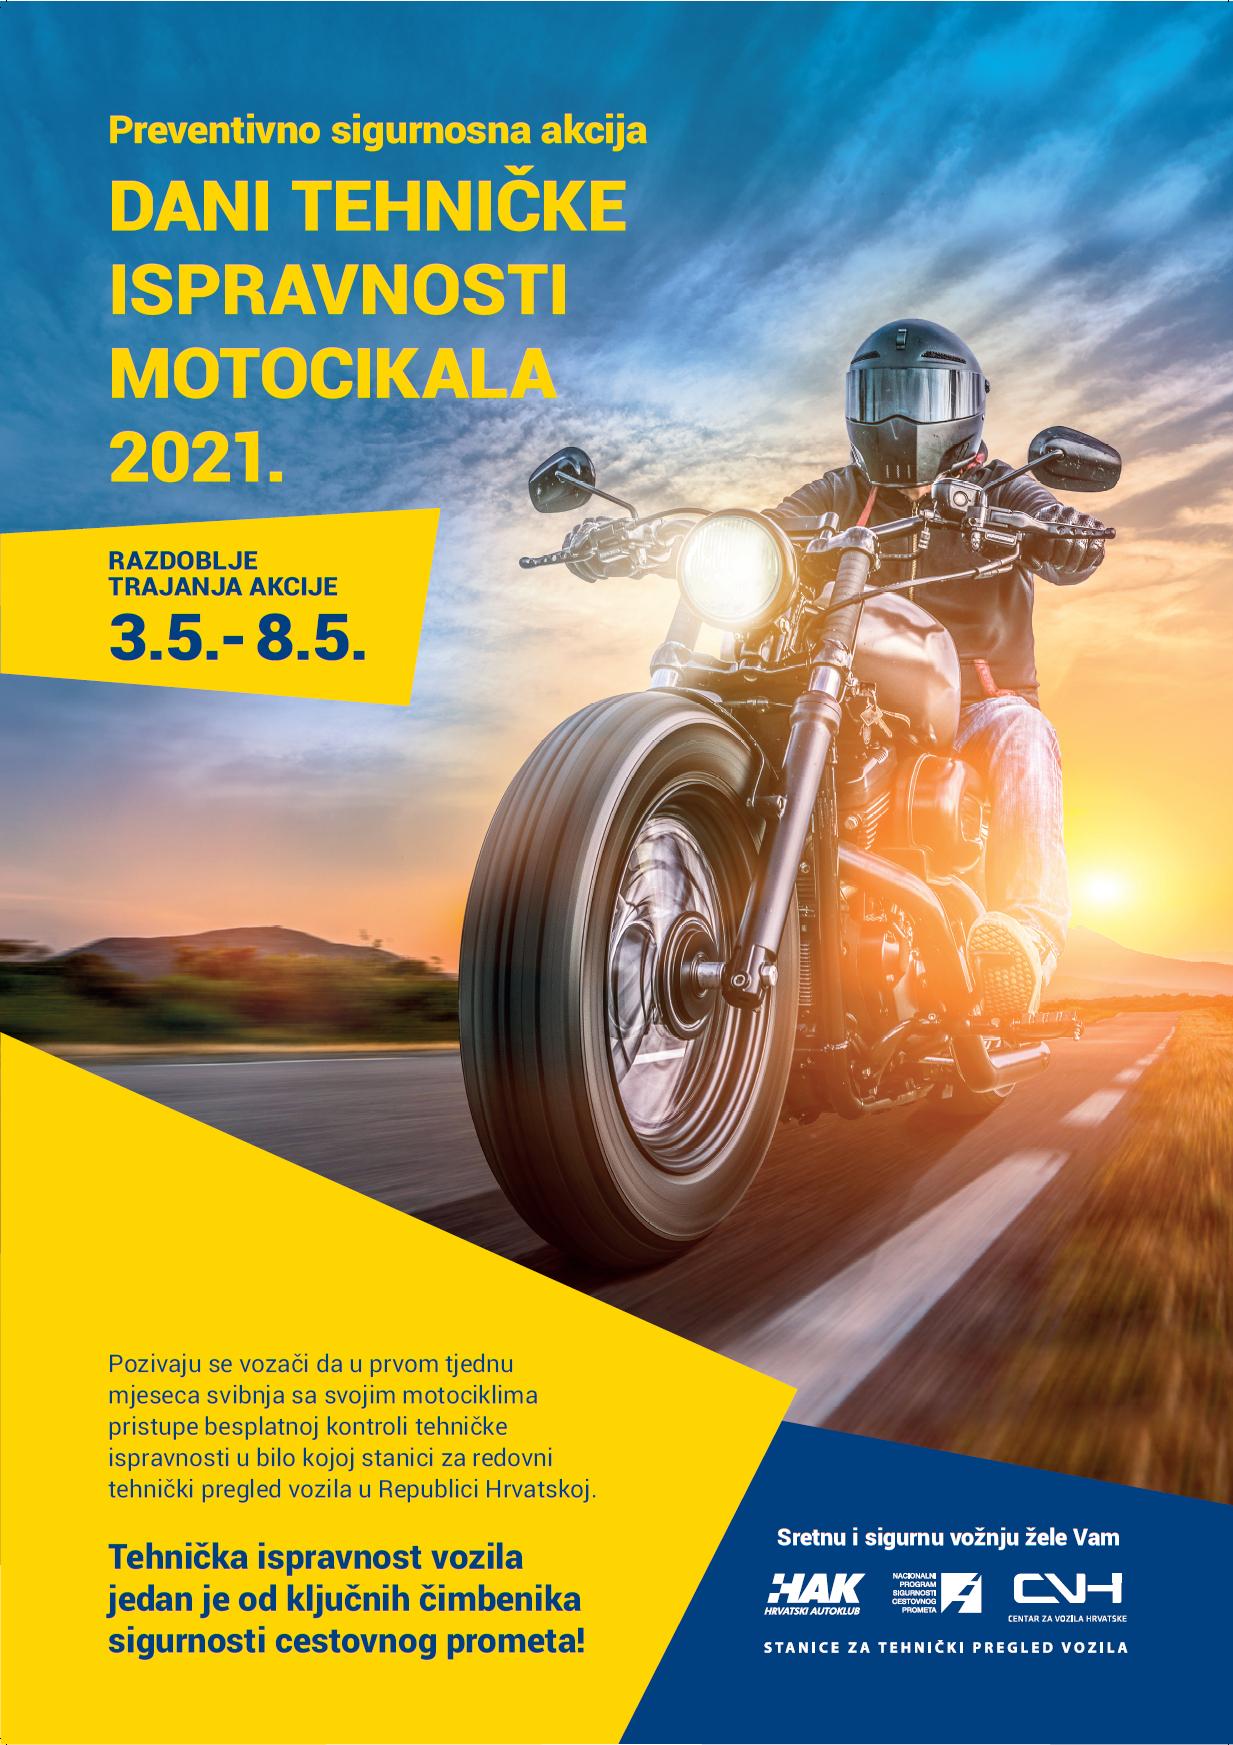 Dani tehničke ispravnosti motocikala 2021.